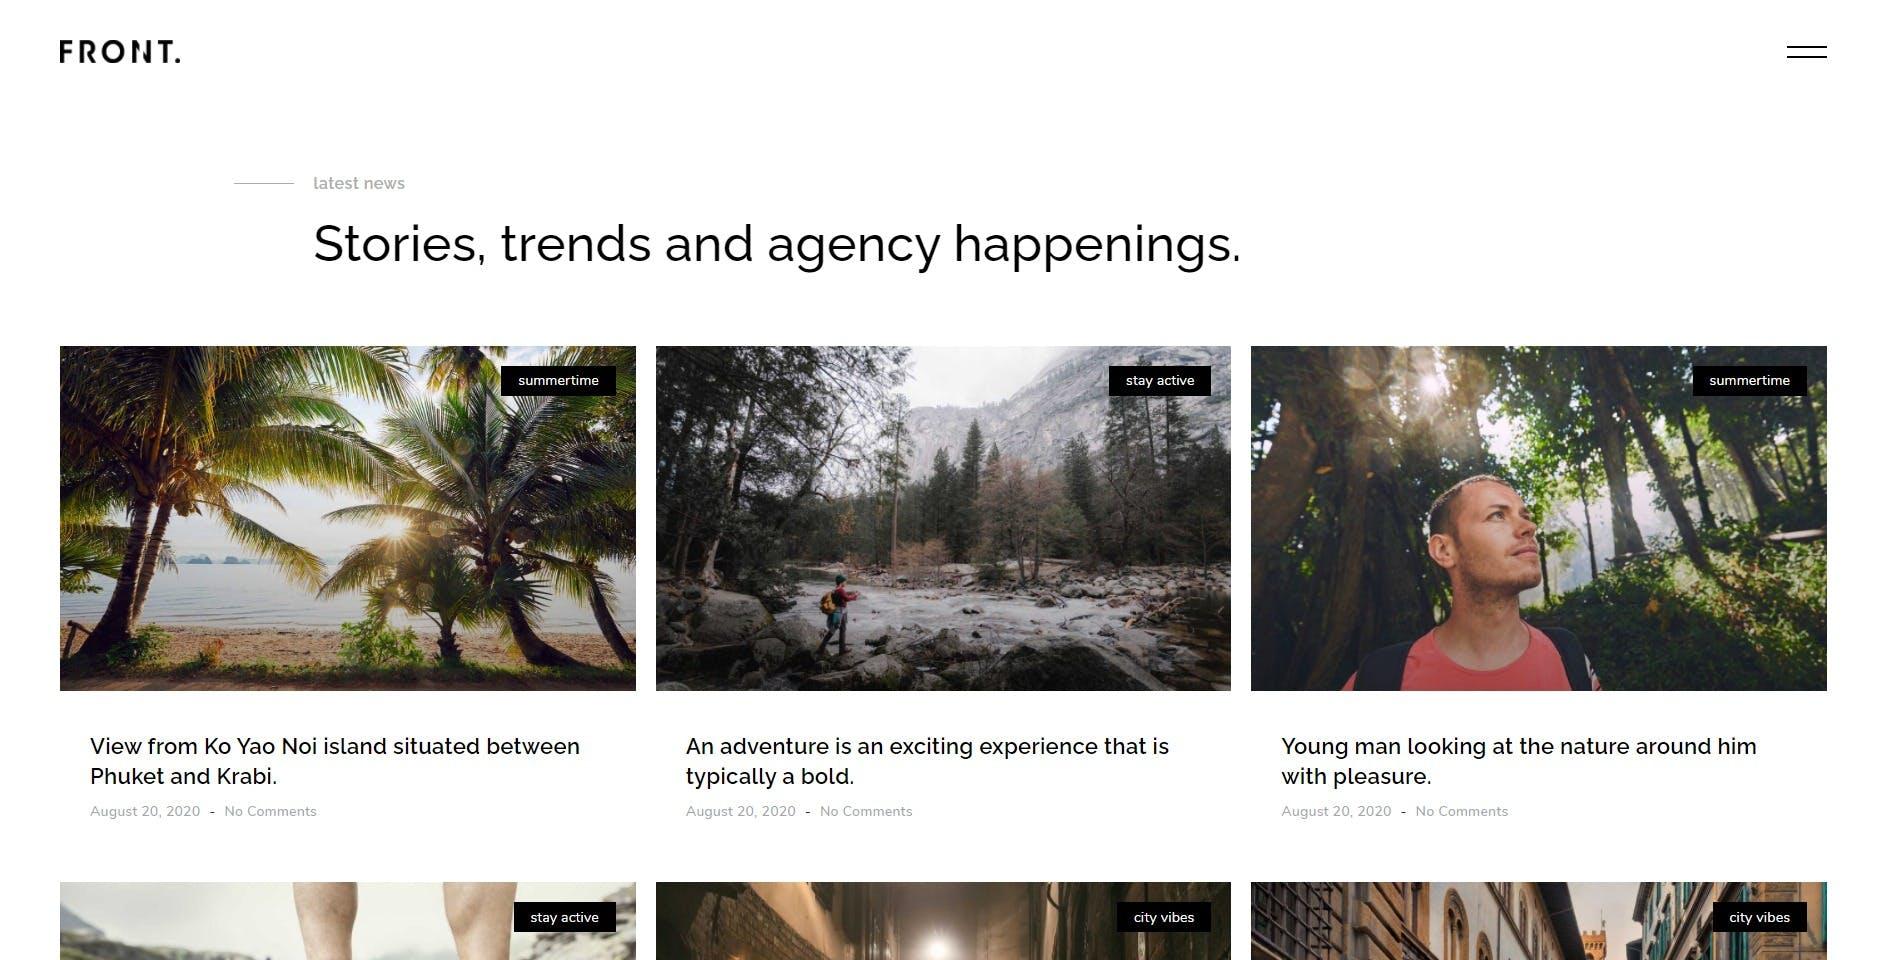 FrontFour - Template Kit de photographie créative par IG_design sur Envato  Elements